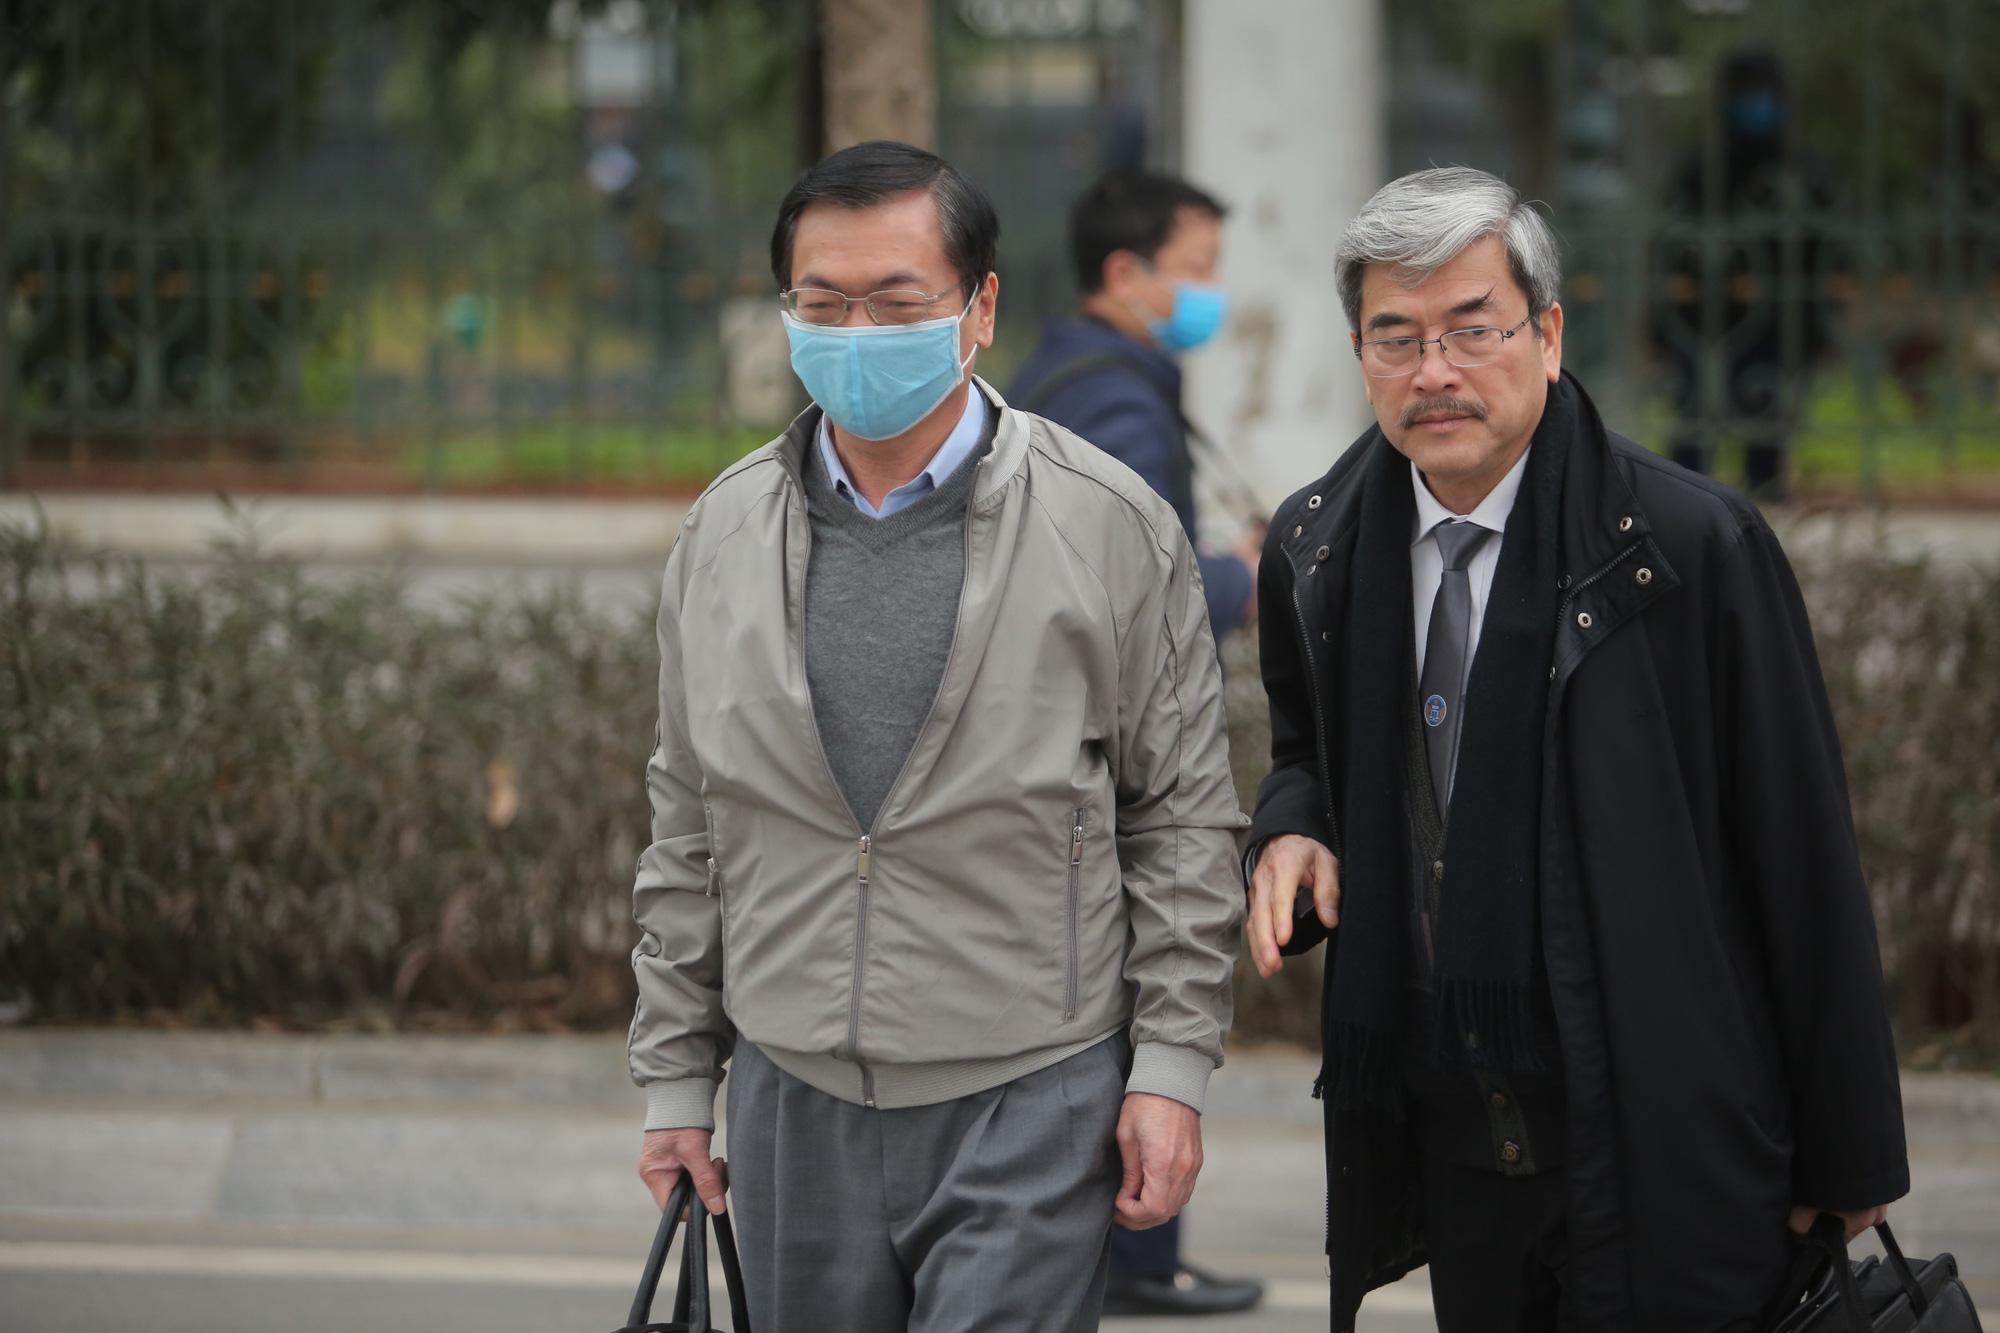 Cựu Bộ trưởng Vũ Huy Hoàng vịn cầu thang, nắm tay luật sư khi bước lên bậc thềm - Ảnh 2.